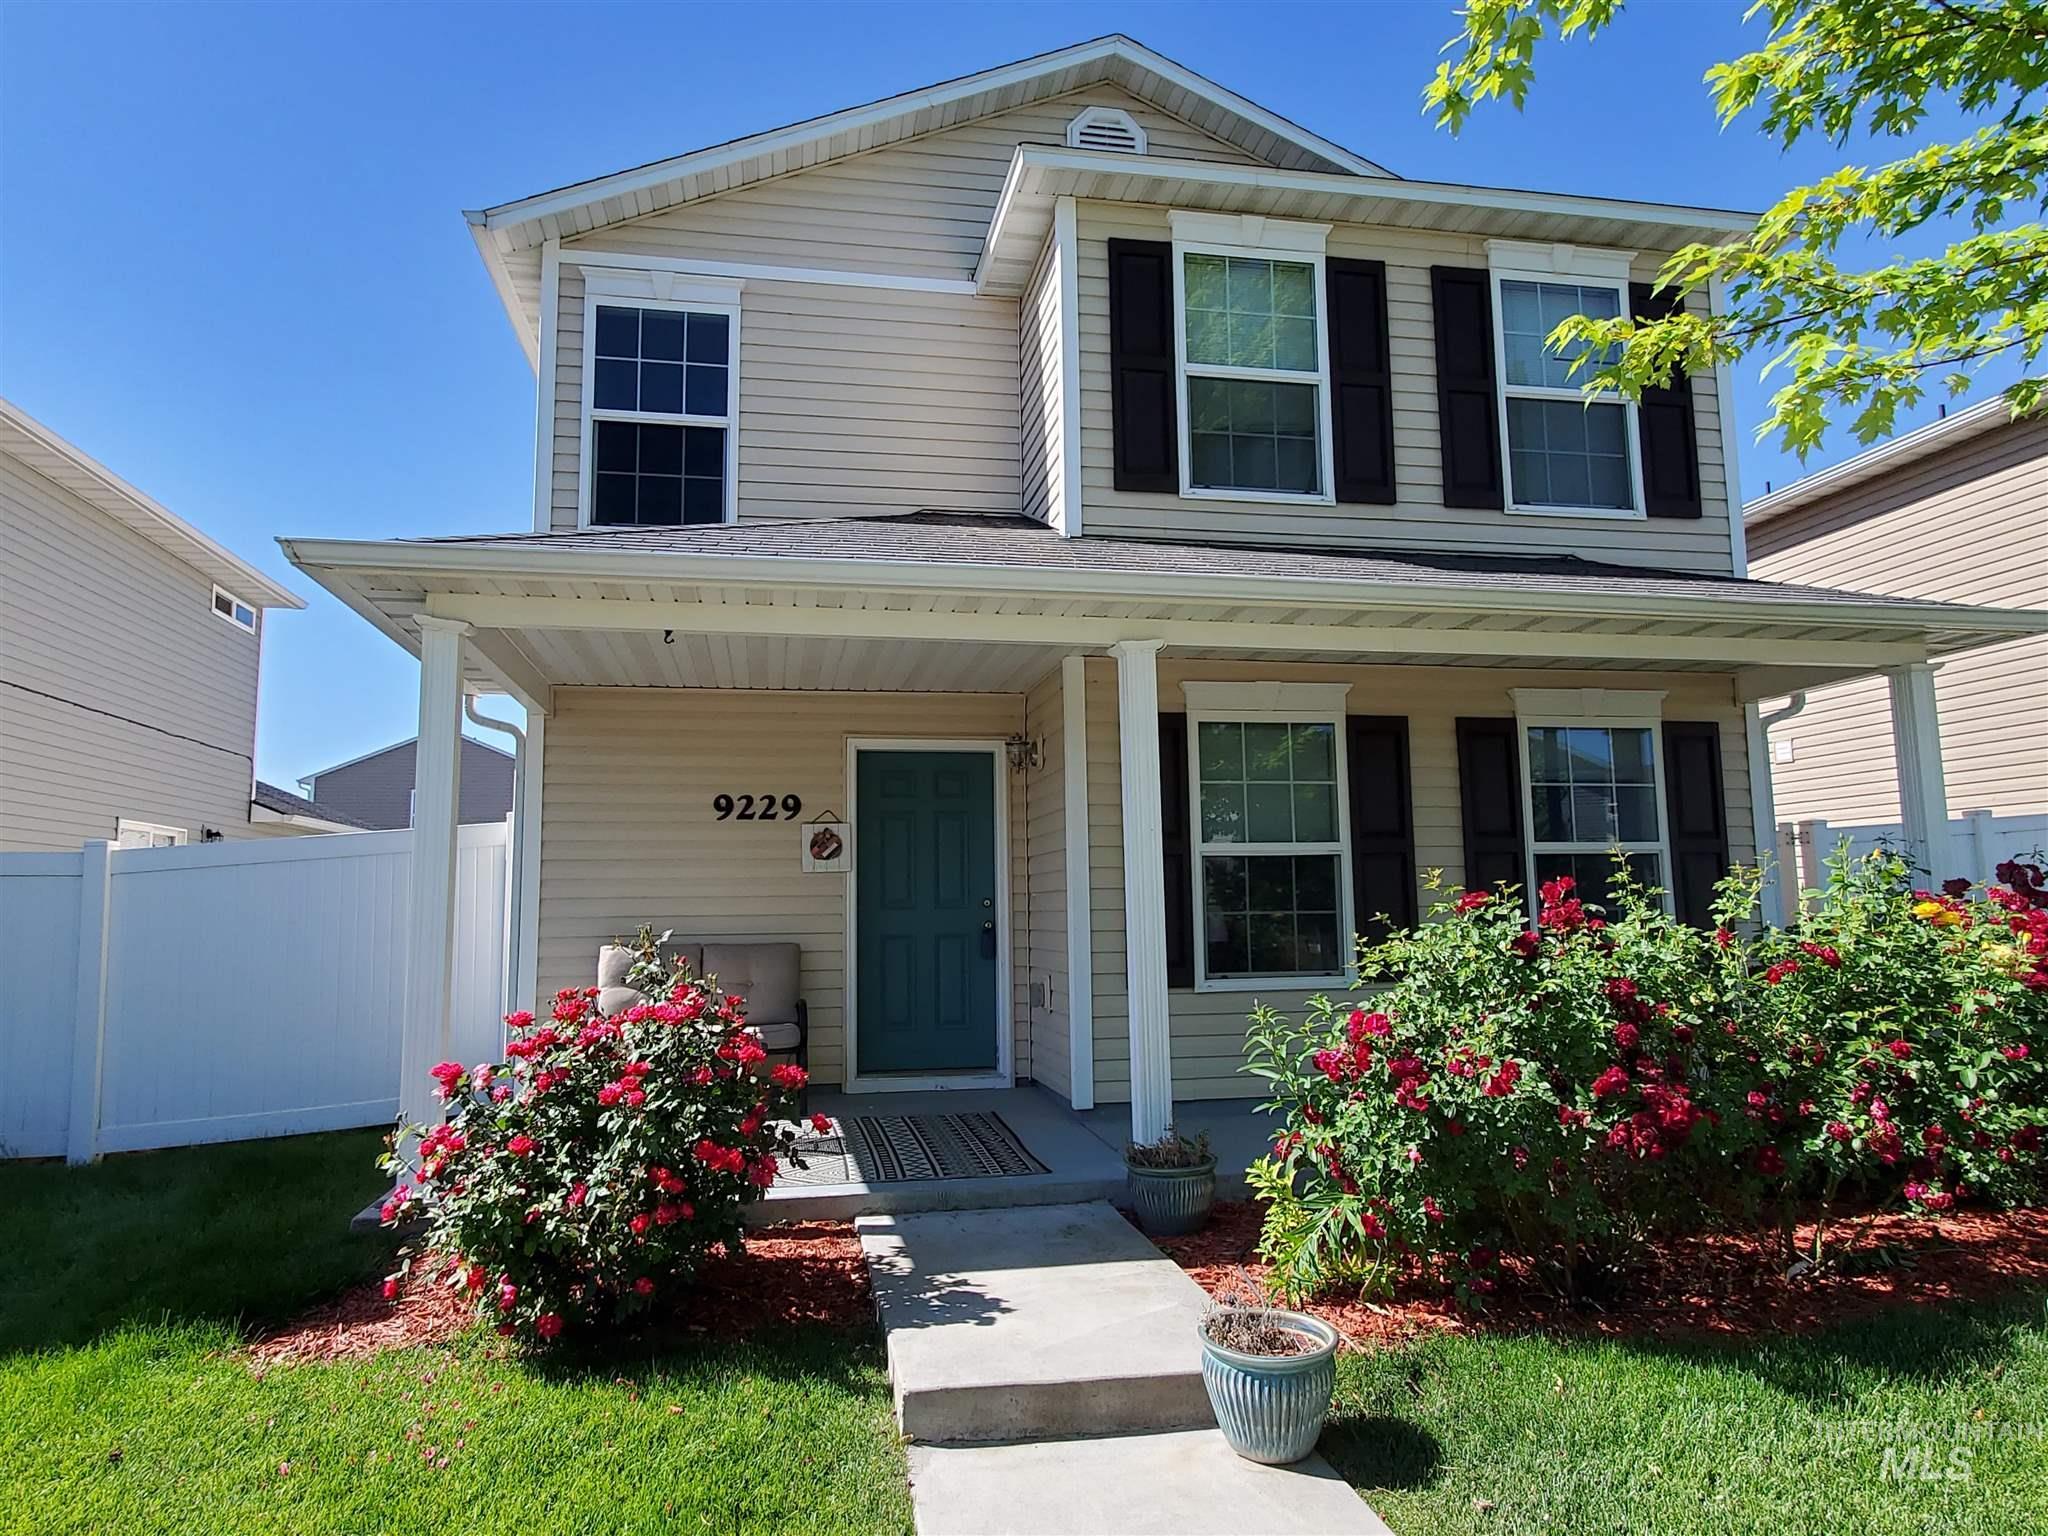 9229 W Shelterwood Property Photo 1